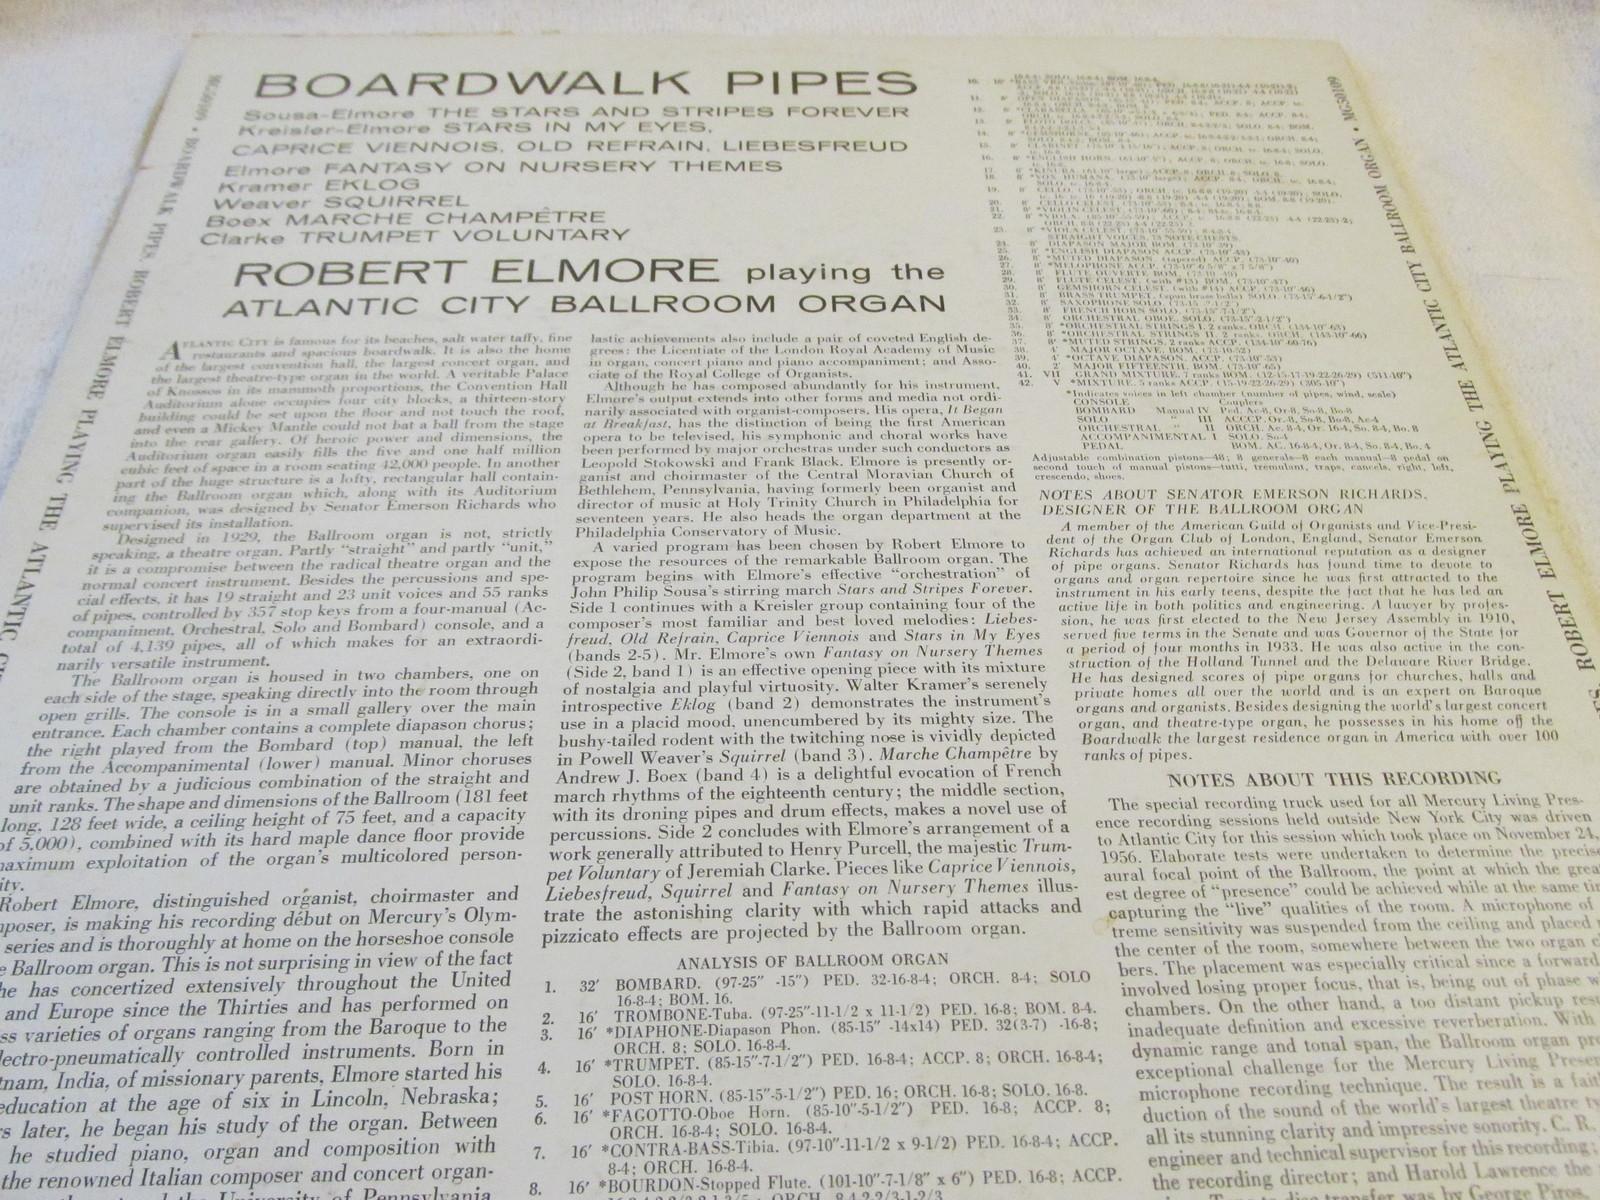 Boardwalk Pipes Record Album